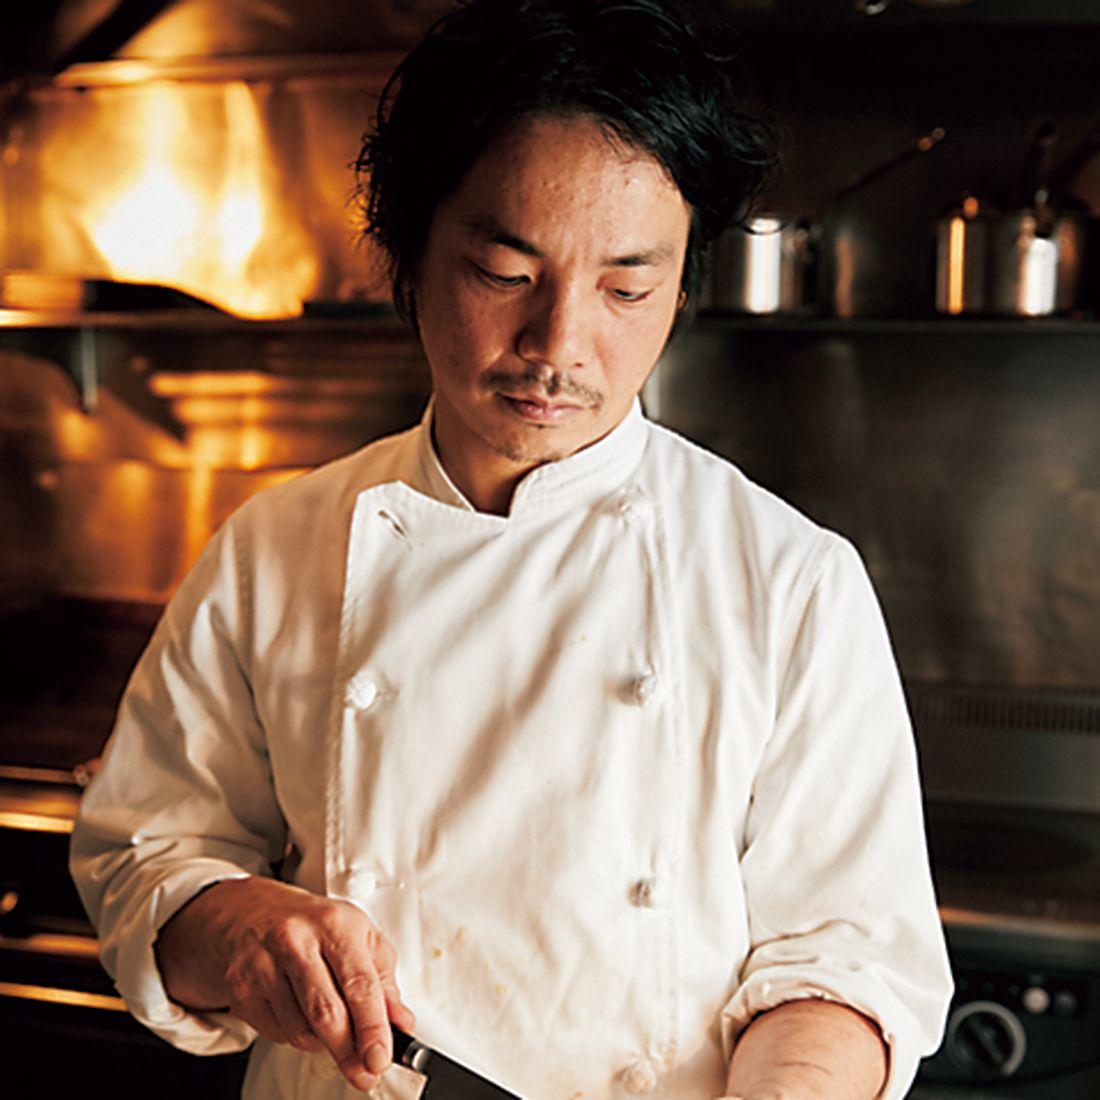 オーナーシェフの掛川哲司氏。